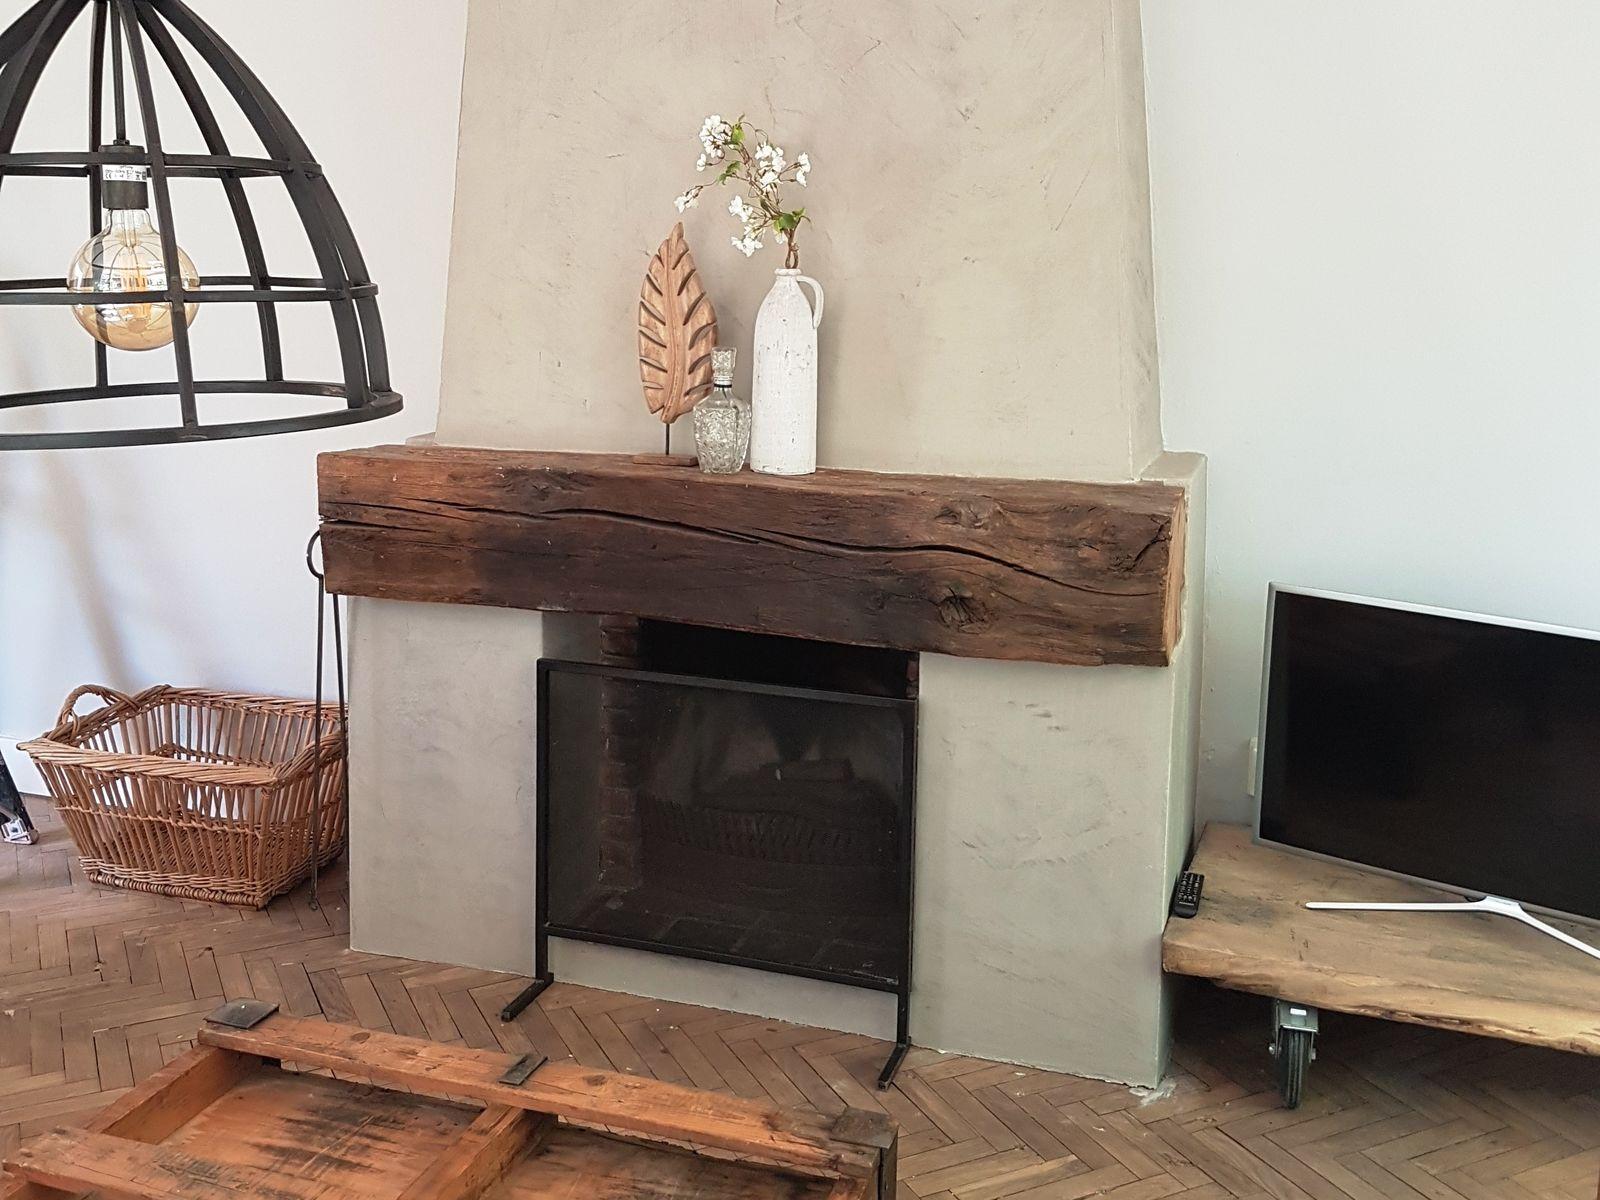 Afbeelding van Pastoorswoning - bijzonder en luxe vakantiehuis in Brabant